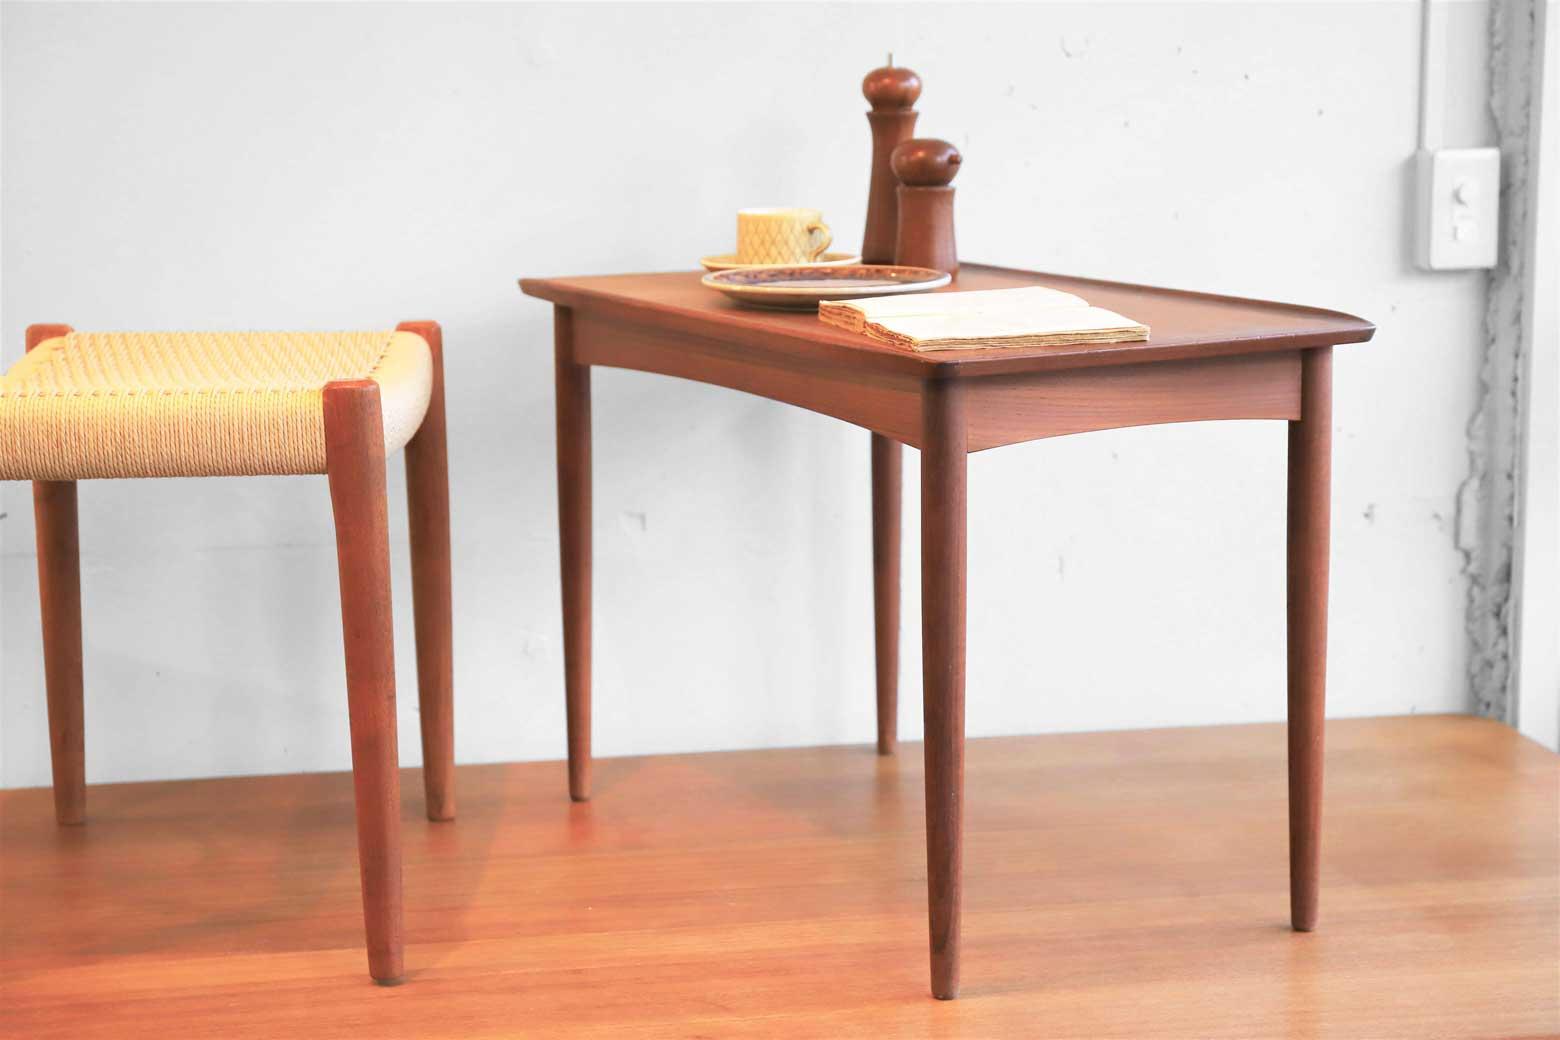 ダニッシュモダン家具の特色が随所に感じられるこちらのテーブルは、シャープで軽やかな脚をしており、天板縁のエッジがクラシカルでエレガントな雰囲気です。メーカーはデンマークのMobelintarsia社製、メーカータグには、デンマーク家具品質管理委員会が高品質デンマーク家具であると認めた証でもあるDanish Controlマークがついており、構造、デザインともに上品なテーブルです。丁度いいサイズ感なので、カフェのようにソファやパーソナルチェアなどの前でセンターテーブルとしての利用におすすめです♪また、脚はねじ式になっており、取り外しも可能です。Featuring Danish Modern Furniture Features everywhere The table here has sharp and light legs, the edge of the top board is classical and elegant atmosphere. The manufacturer is made by Mobelintarsia company of Denmark, the manufacturer tag has a Danish Control mark which is also a proof that the Danish furniture quality management committee is a high quality Danish furniture, it is an elegant table with both structure and design. Because it is exactly the size feeling, it is recommended for use as a center table in front of sofas and personal chairs like a cafe ♪ Moreover, the legs are screw type and can be removed.~【東京都杉並区阿佐ヶ谷北アンティークショップ 古一】 古一/ふるいちでは出張無料買取も行っております。杉並区周辺はもちろん、世田谷区・目黒区・武蔵野市・新宿区等の東京近郊のお見積もりも!ビンテージ家具・インテリア雑貨・ランプ・USED品・ リサイクルなら古一/フルイチへ~